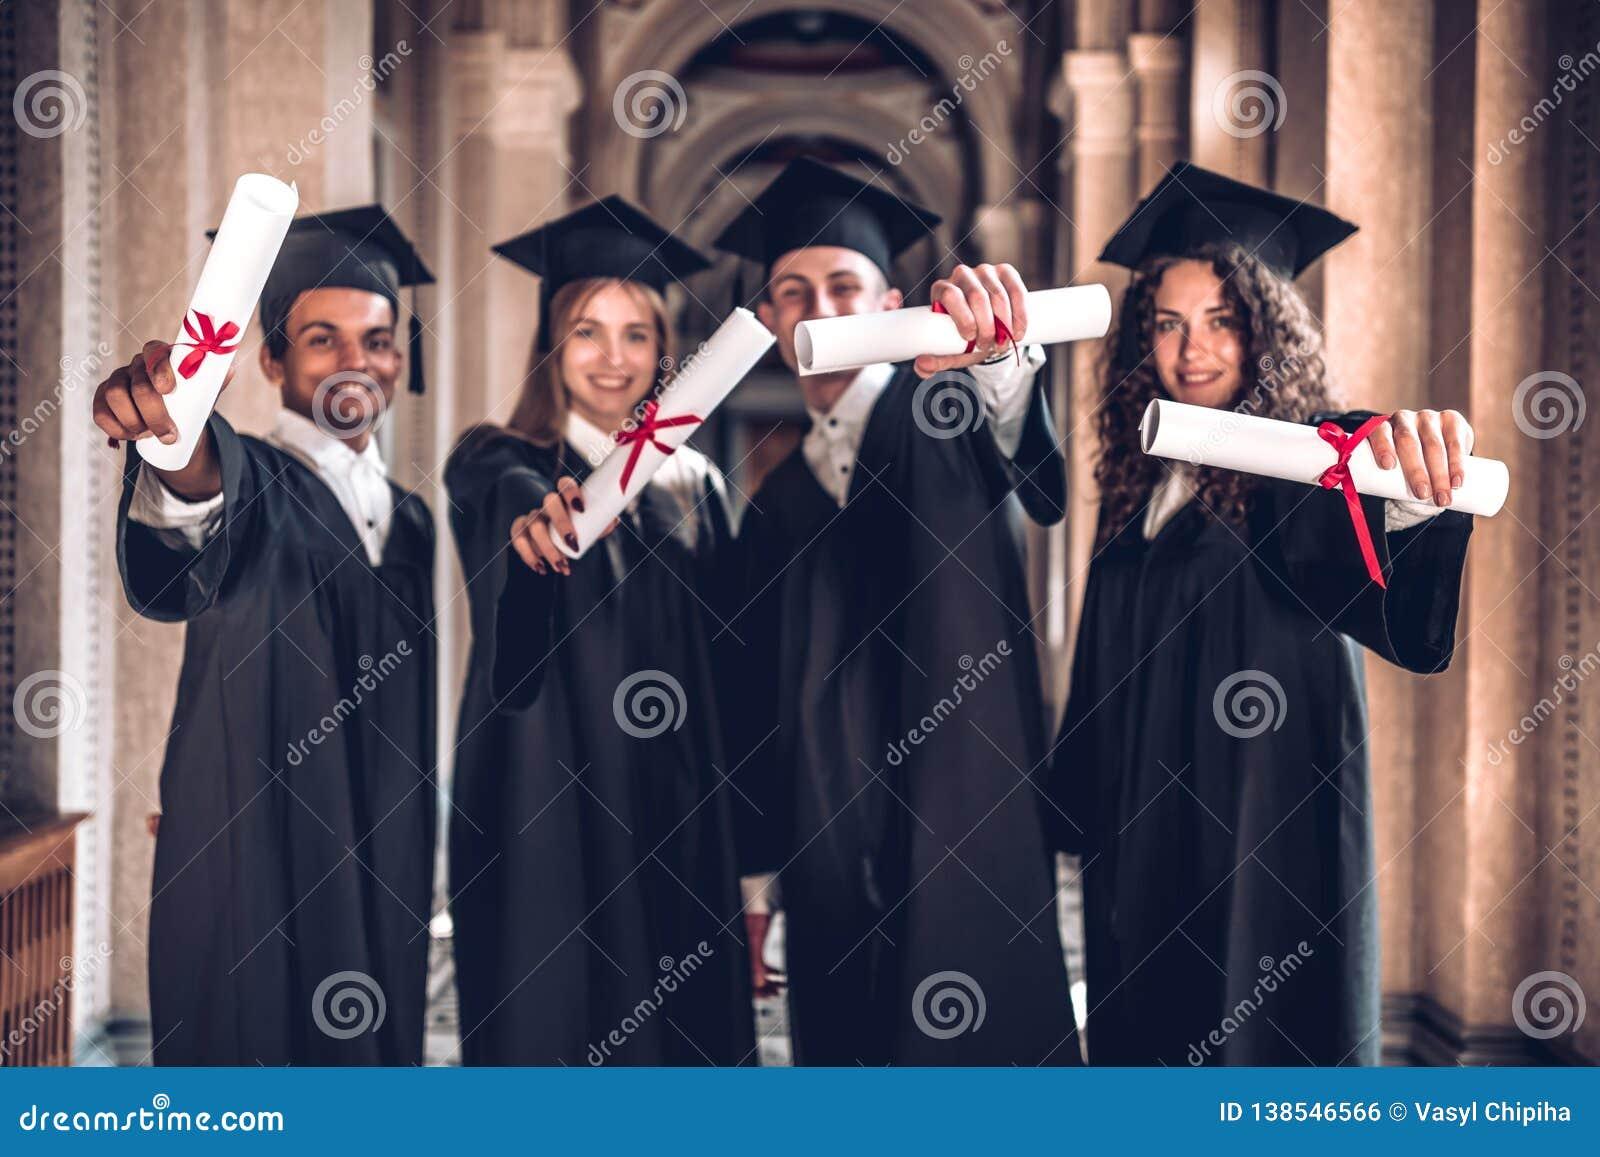 Pracowaliśmy mocno i dostać rezultaty! Grupa ono uśmiecha się kończy studia pokazywać ich dyplomy w uniwersyteckiej sali i patrze